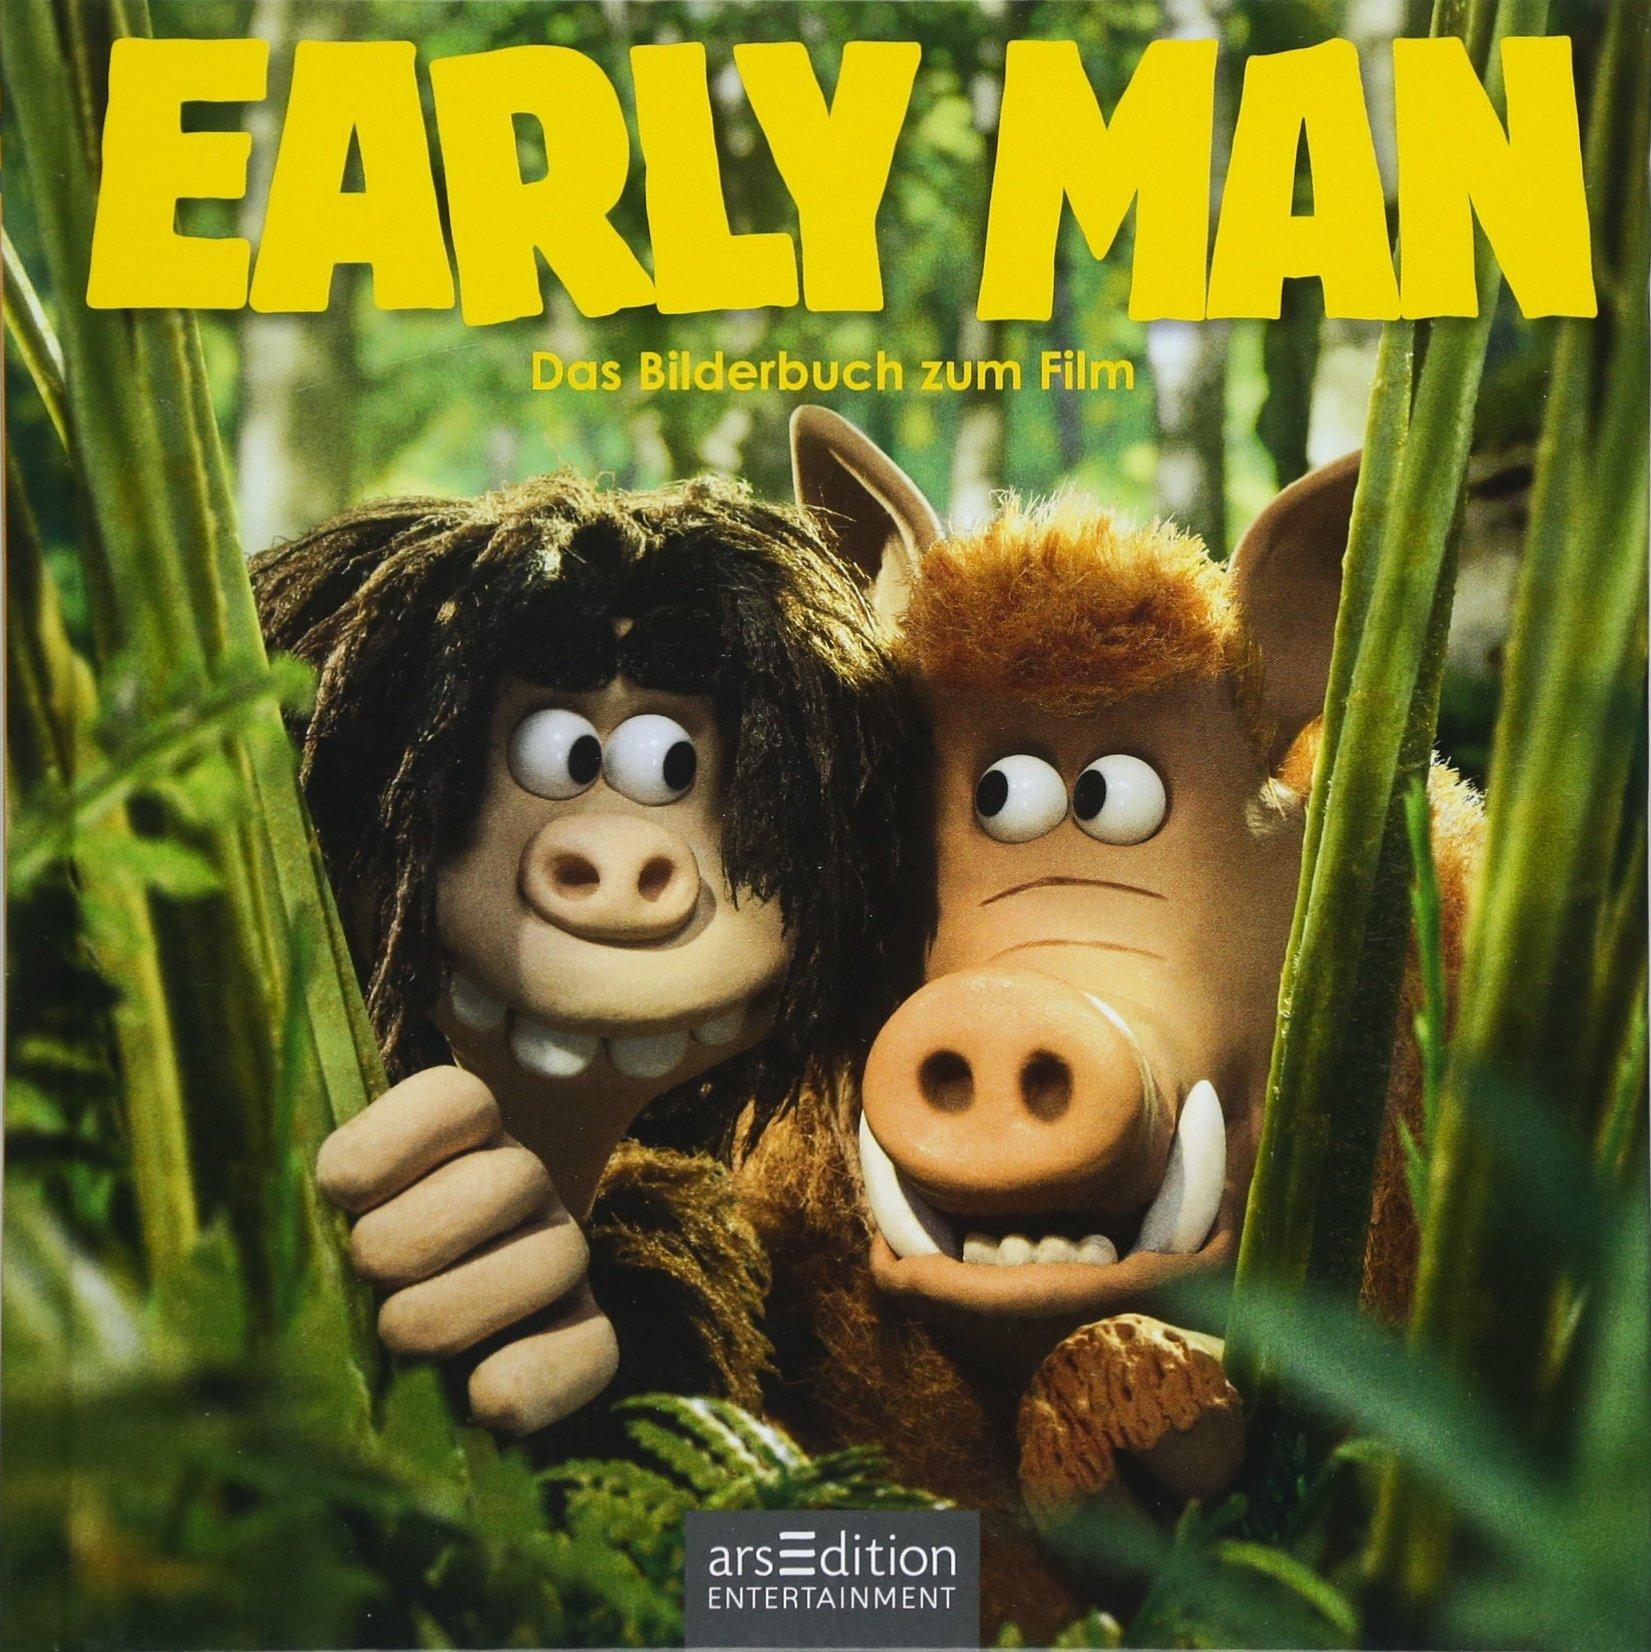 Early Man: Das kleine Bilderbuch zum Film